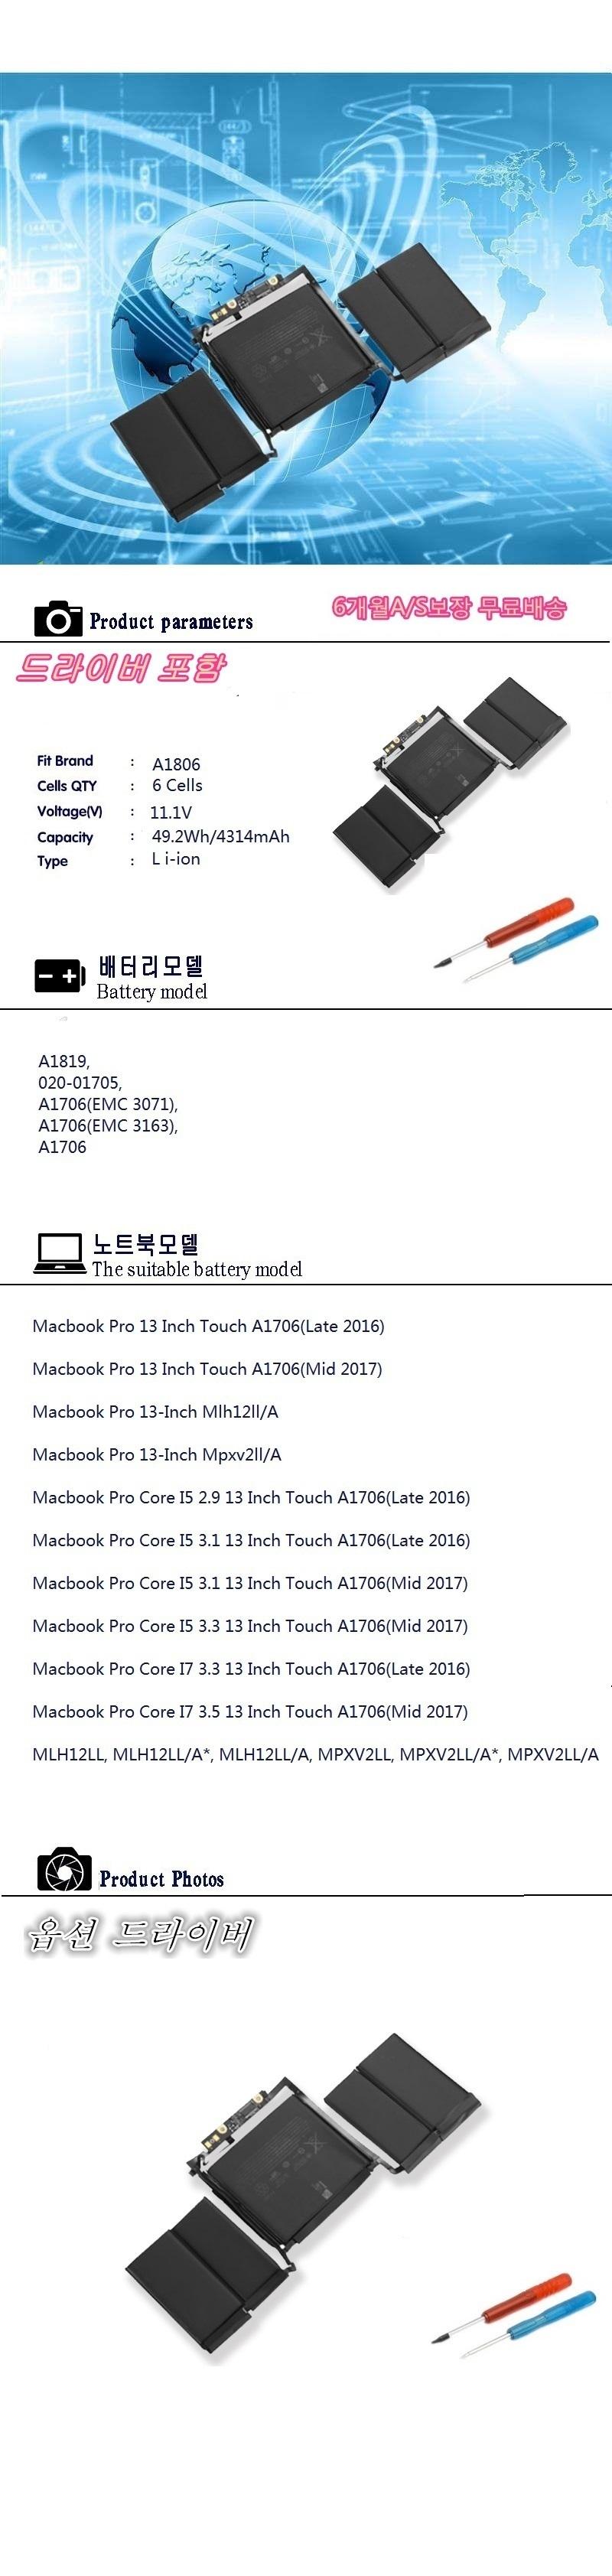 G마켓 - APPLE Macbook Pro A1706 A1819 노트복배터리